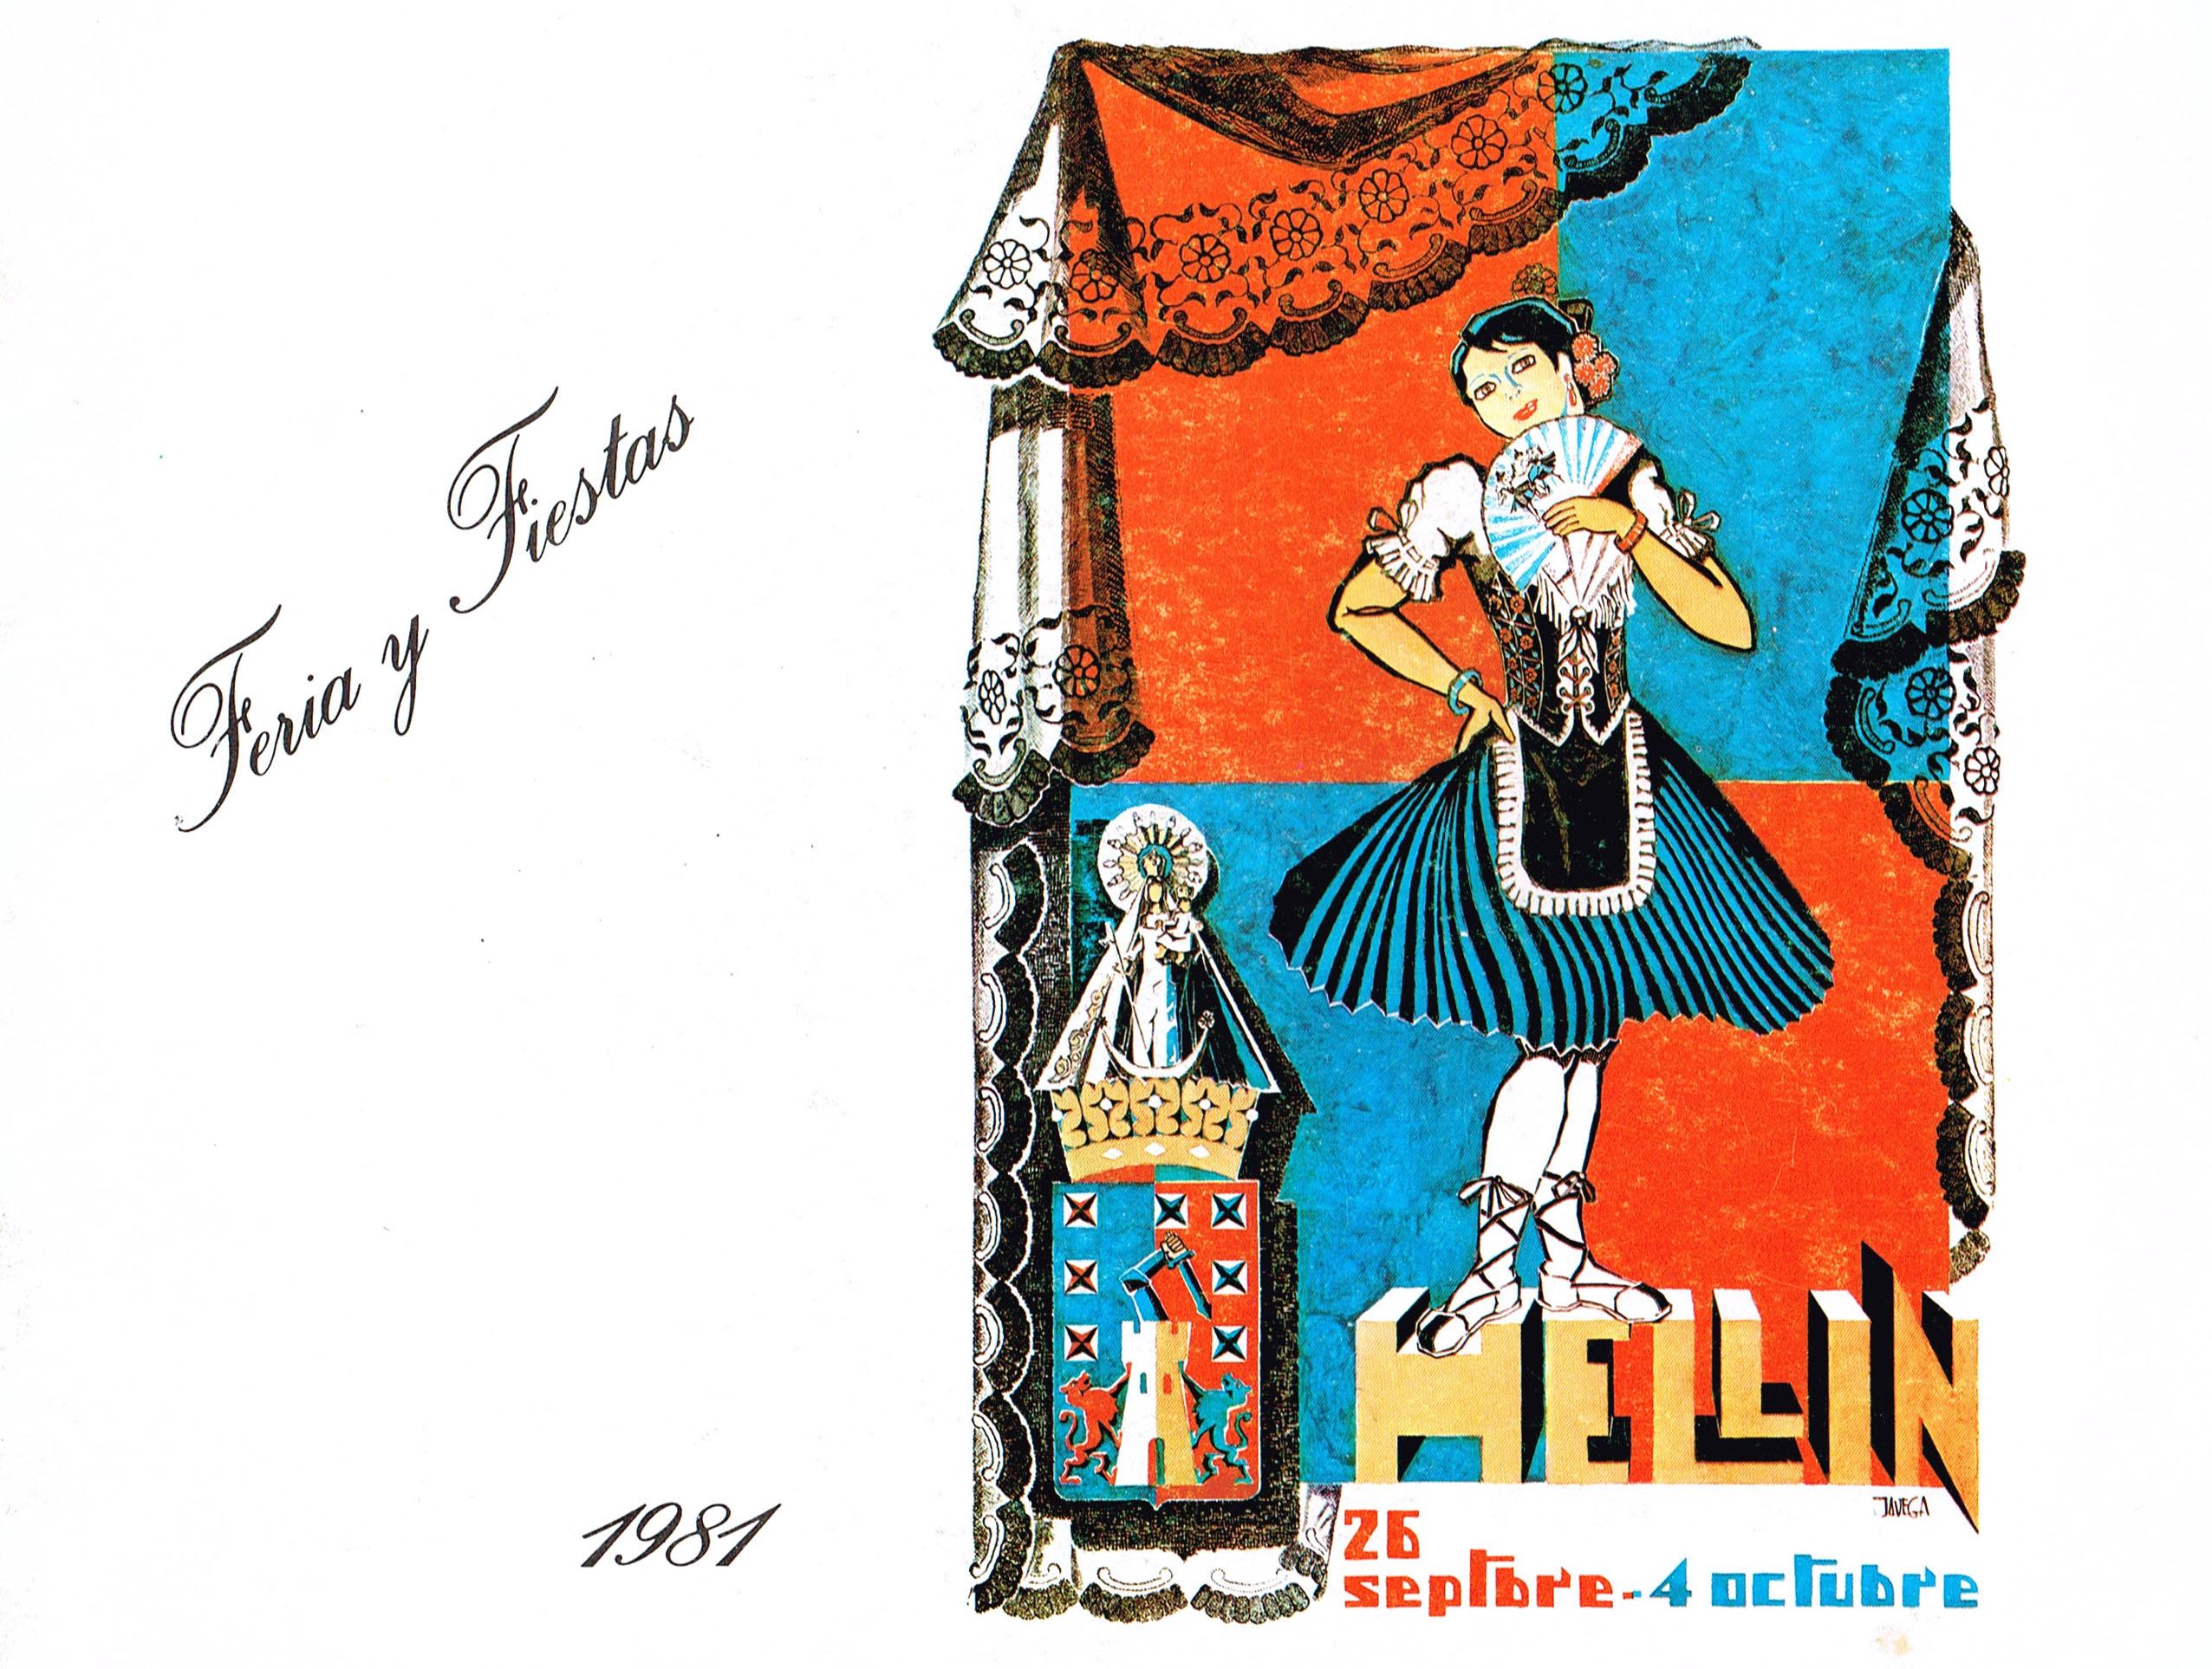 Programa de la Feria de Hellín - 1981